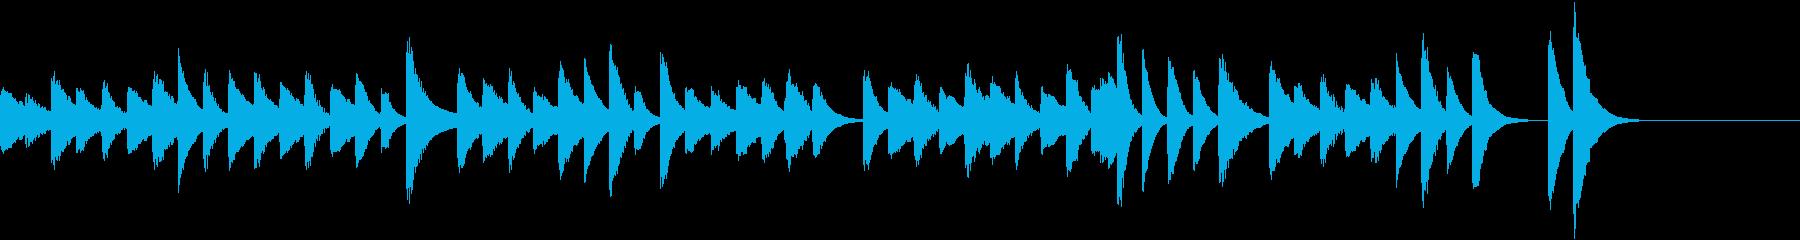 お料理動画にぴったり!軽快ピアノジングルの再生済みの波形